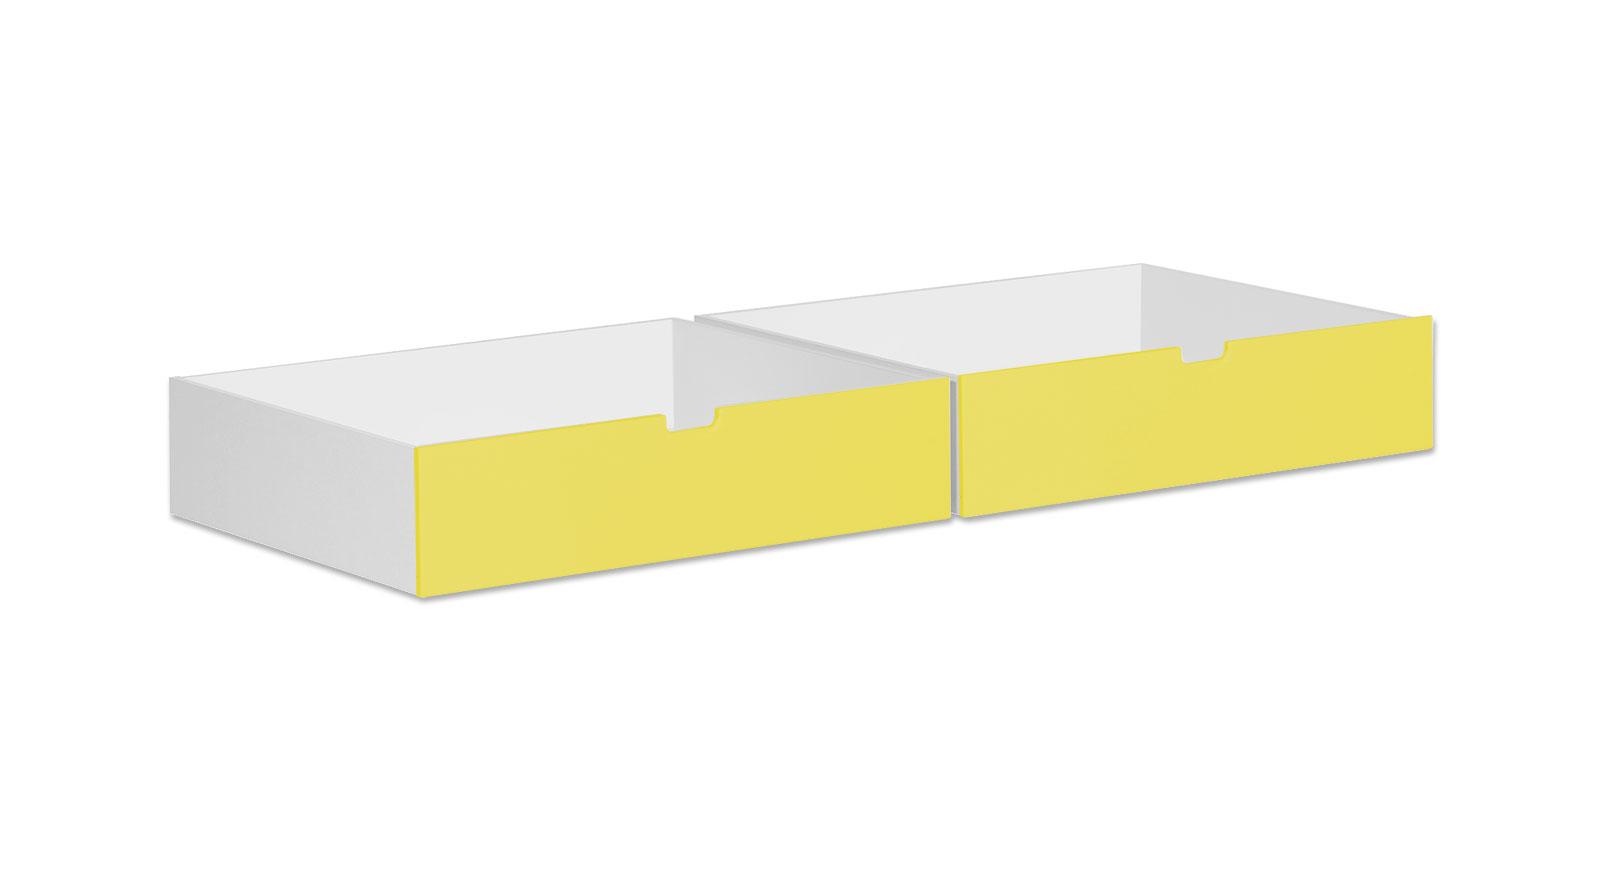 Bettschubkasten Kids Town in Weiß mit gelber Front